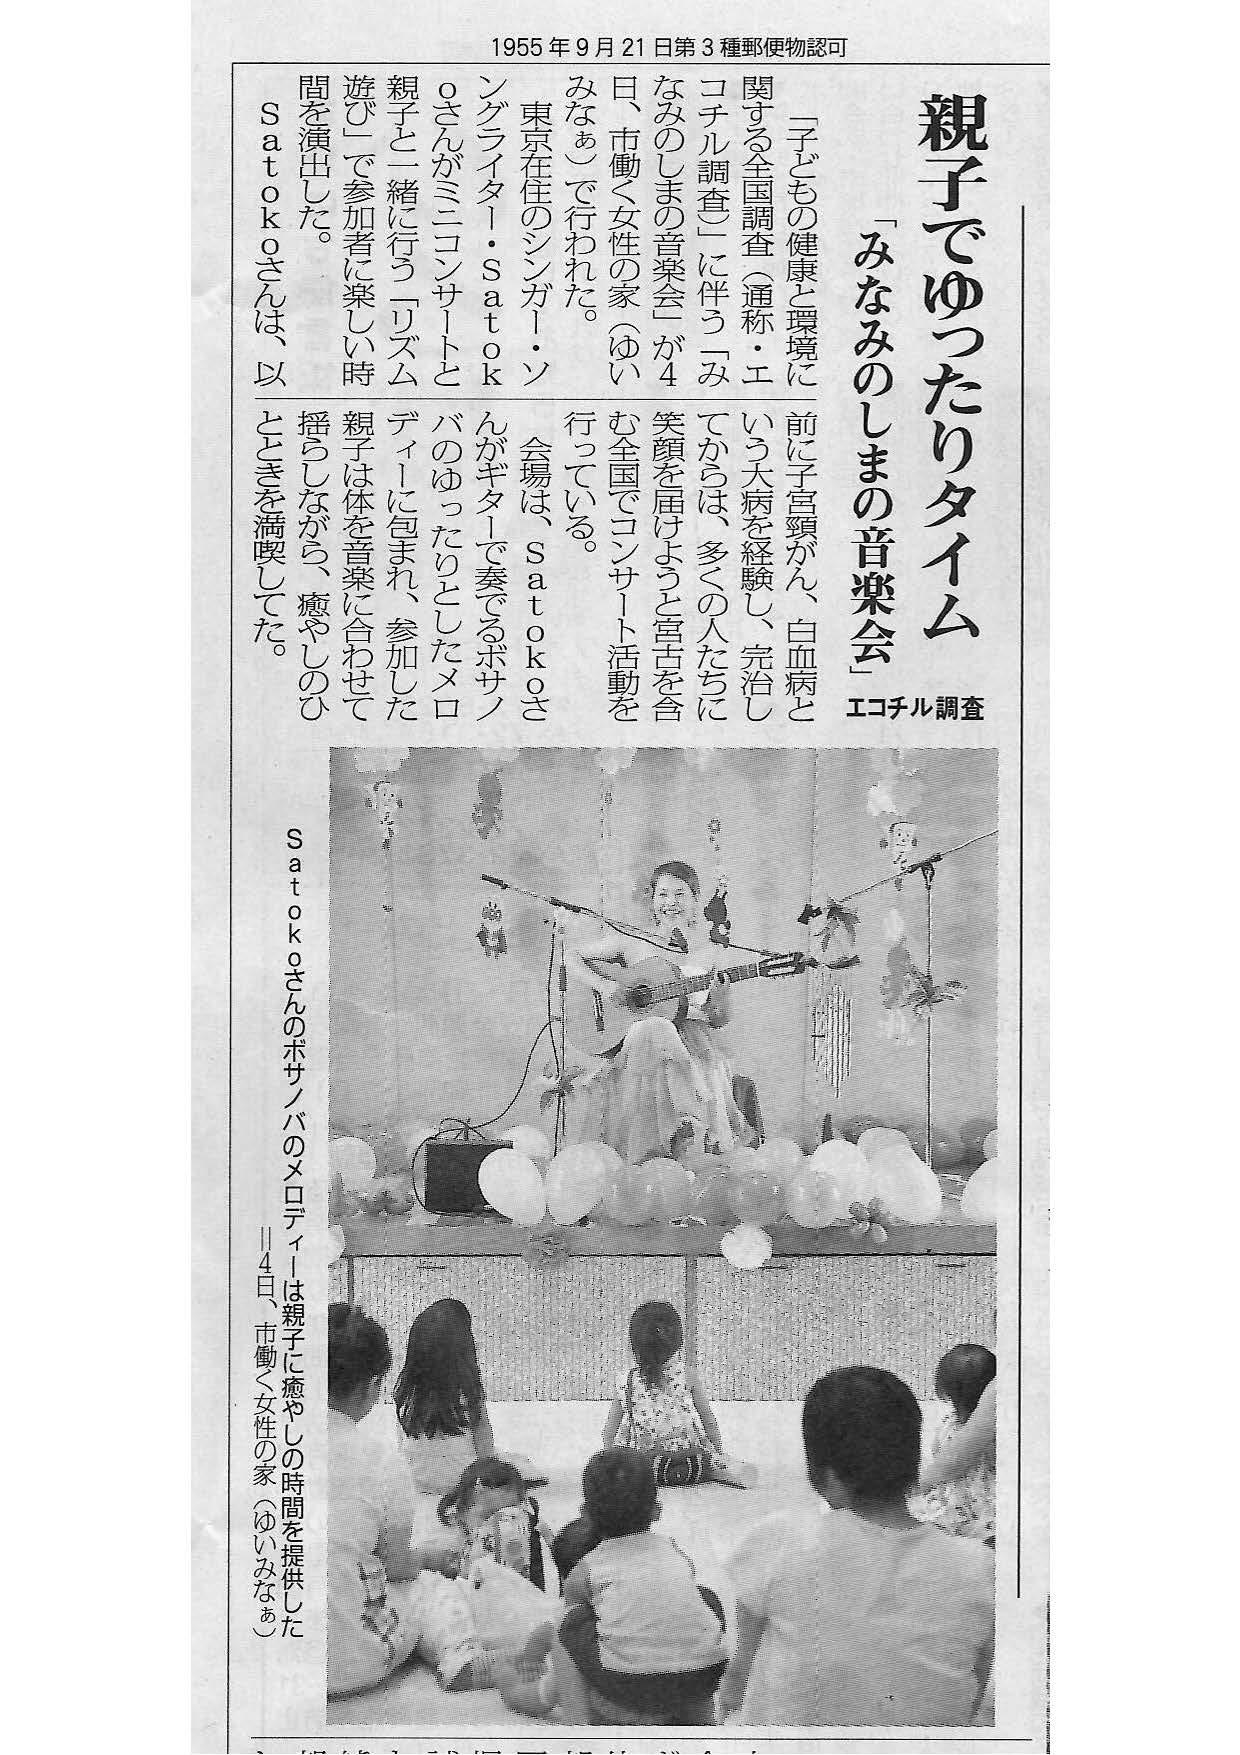 「みなみの島の音楽会」@宮古島「ゆみなぁ」2015.07.05_d0058064_22535710.jpg